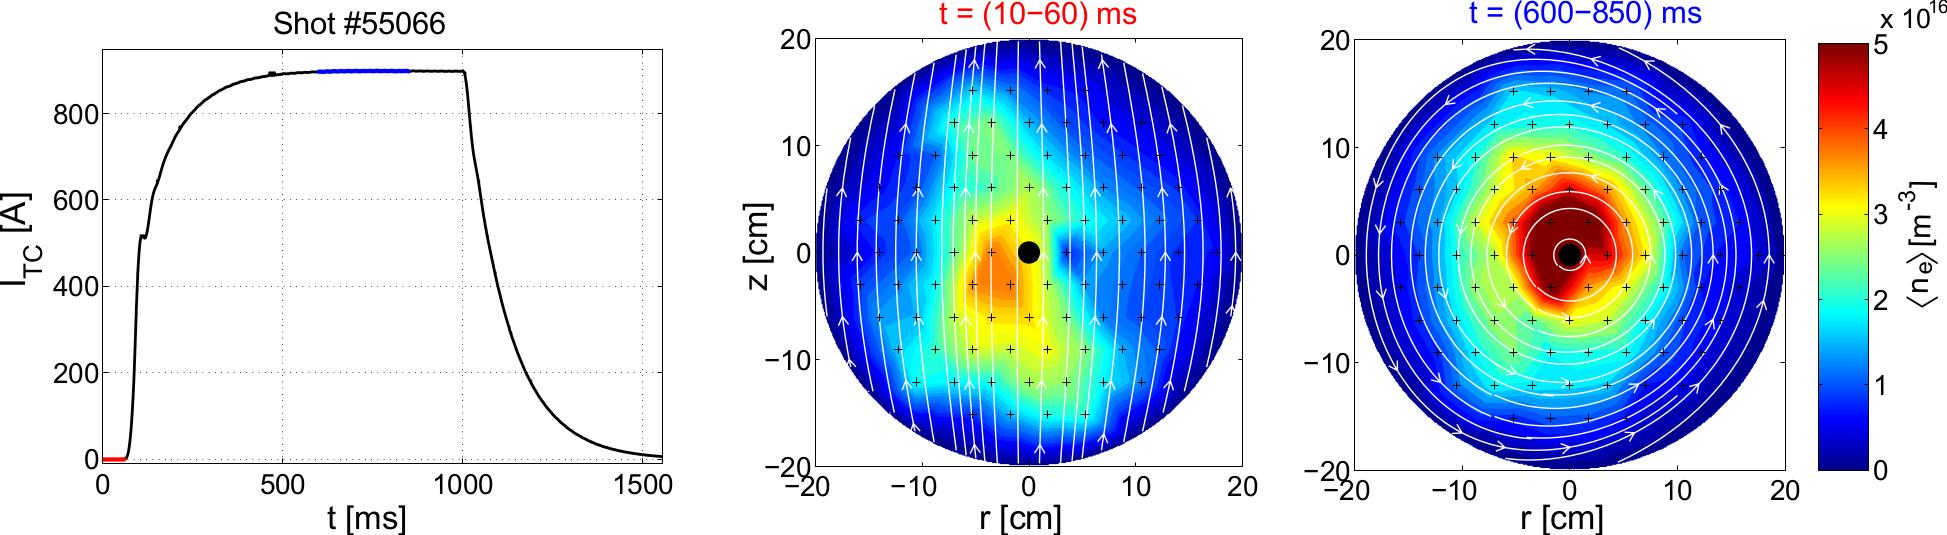 Figure showing k-spectrum